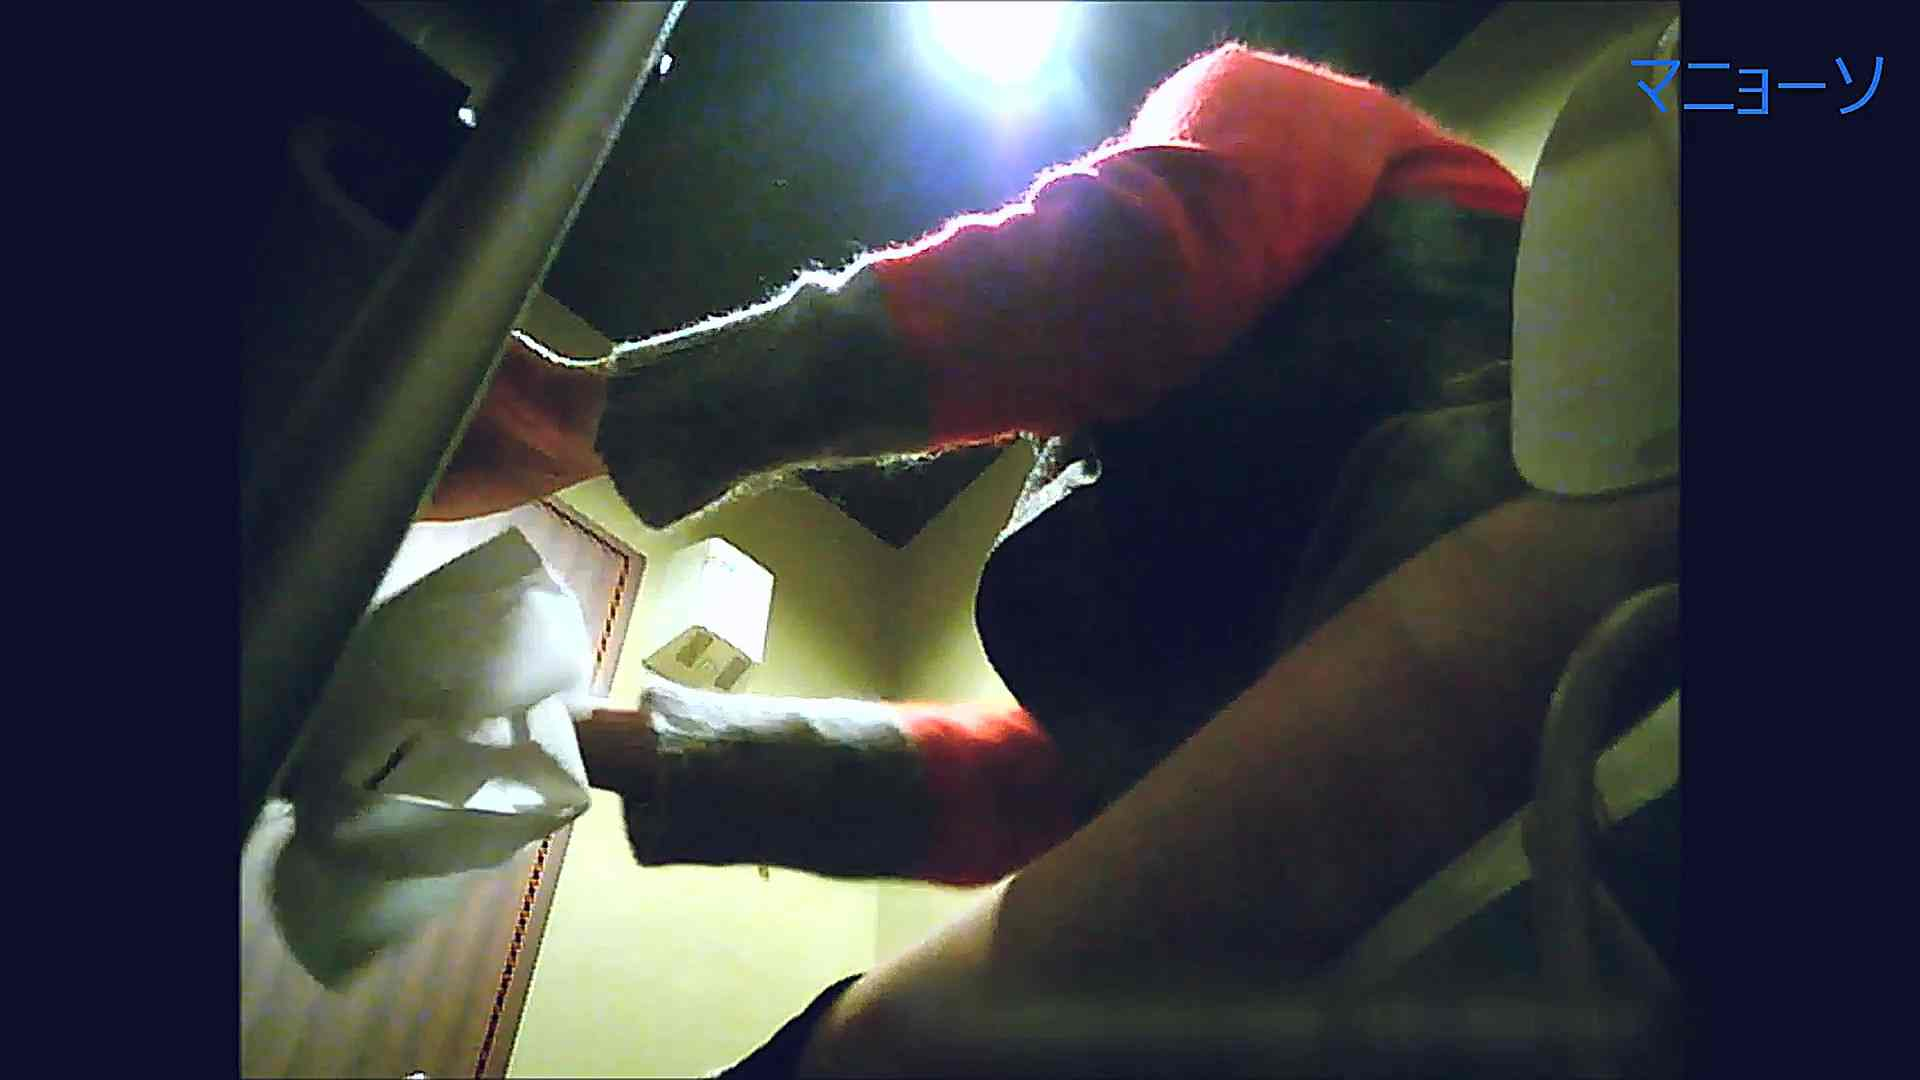 トイレでひと肌脱いでもらいました (JD編)Vol.06 トイレの実態 | OLのボディ  63PIX 11